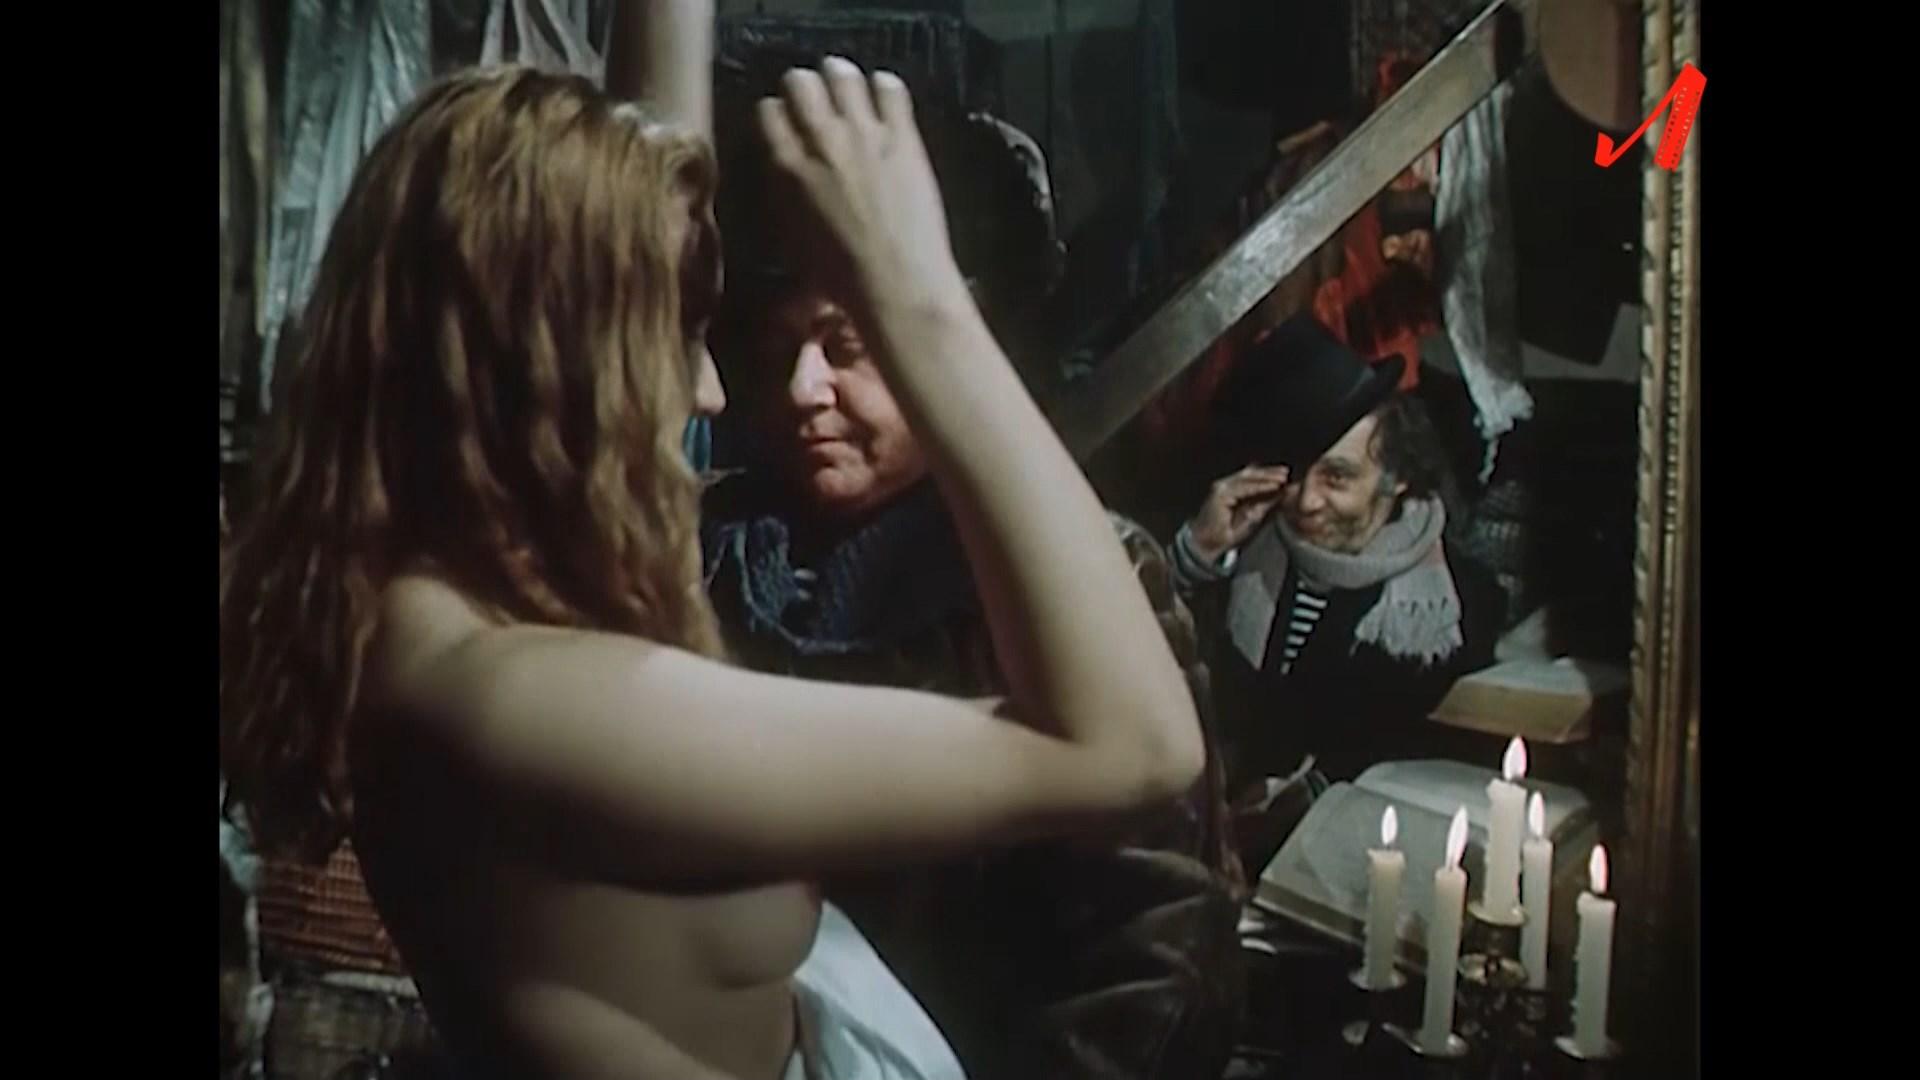 Лариса Белогурова. Остров погибших кораблей (1987) 2 серия.2.jpg